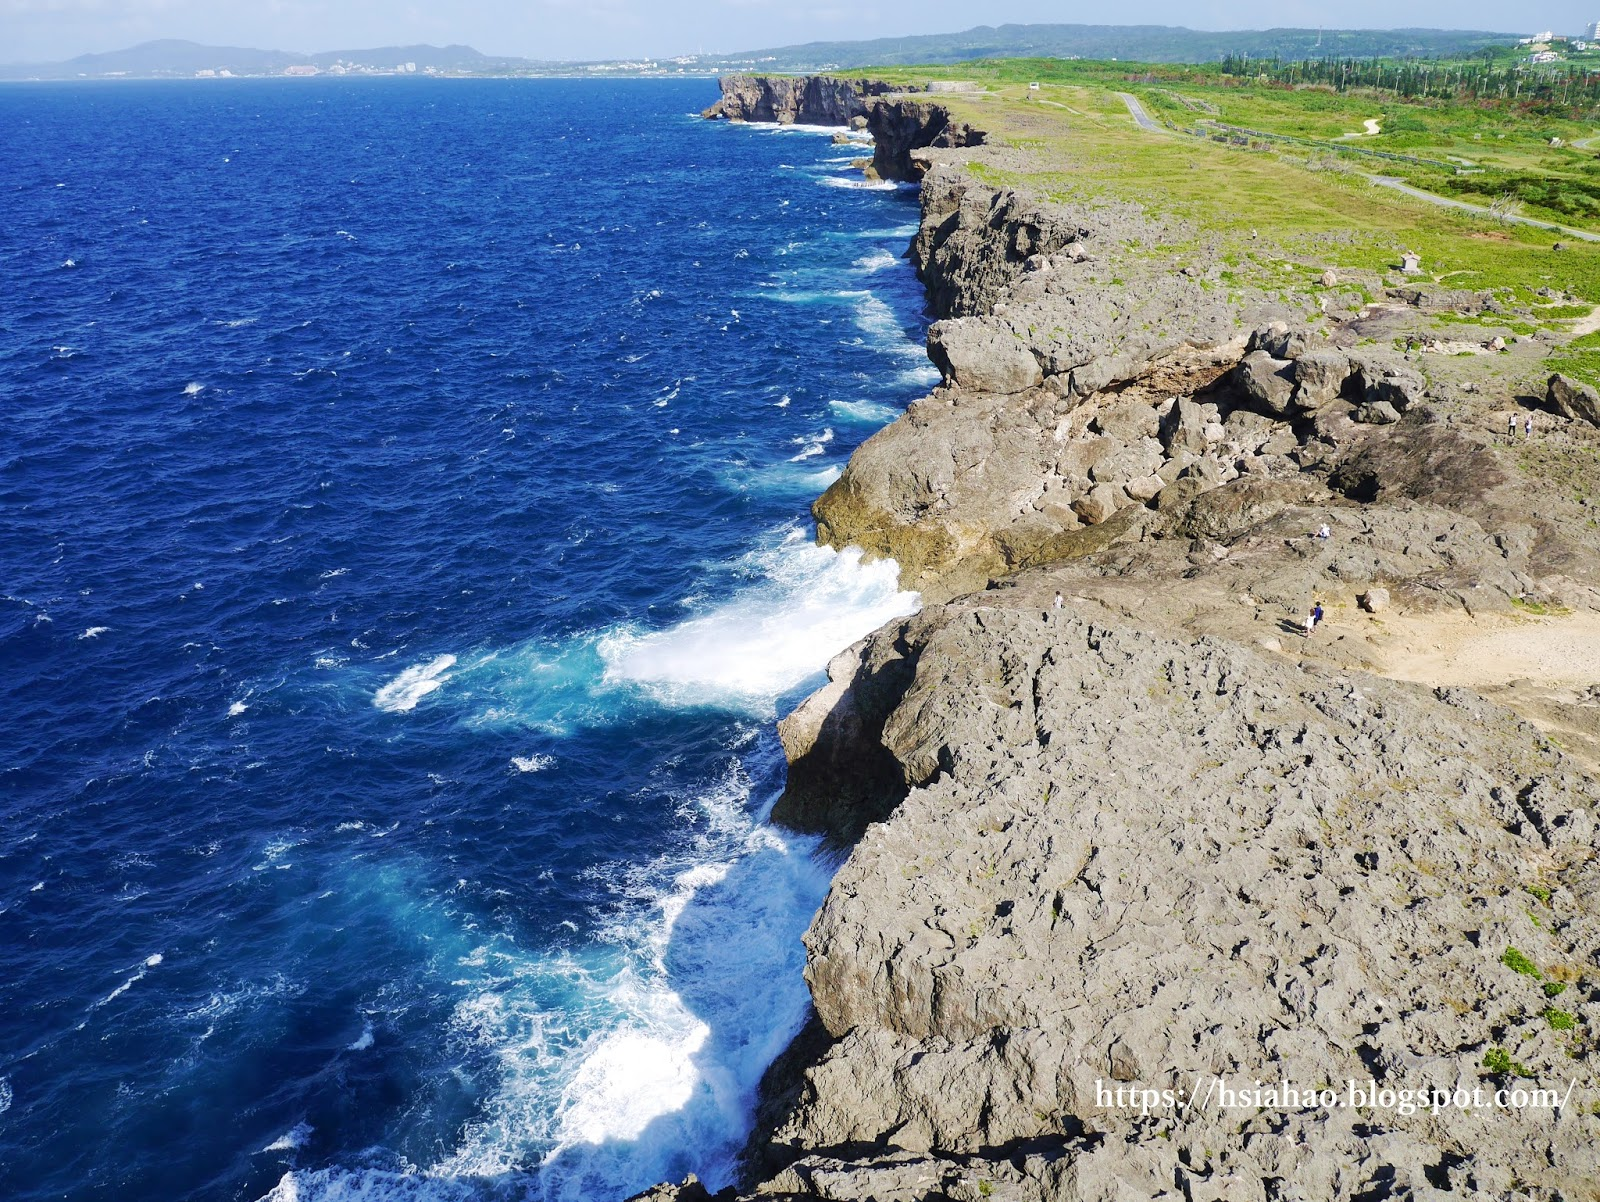 沖繩-景點-推薦-殘波岬-自由行-旅遊-Okinawa-zanpa-cape